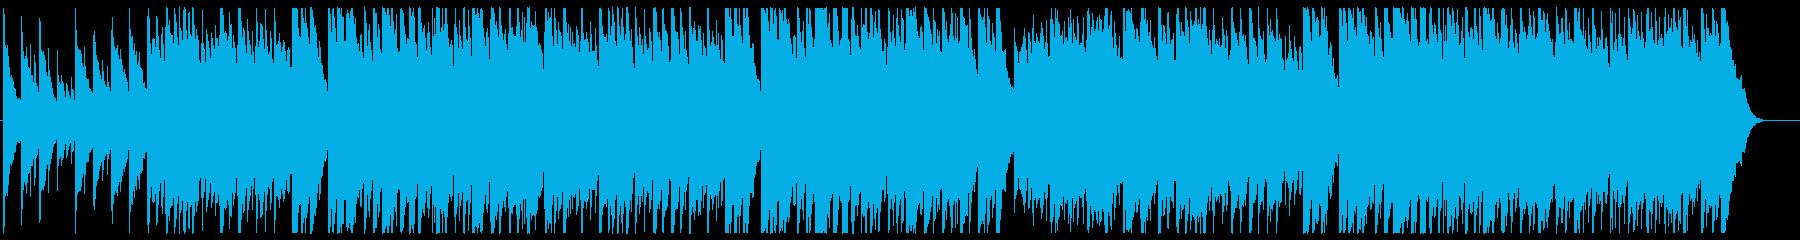 お正月 シンプルな箏の音色の再生済みの波形